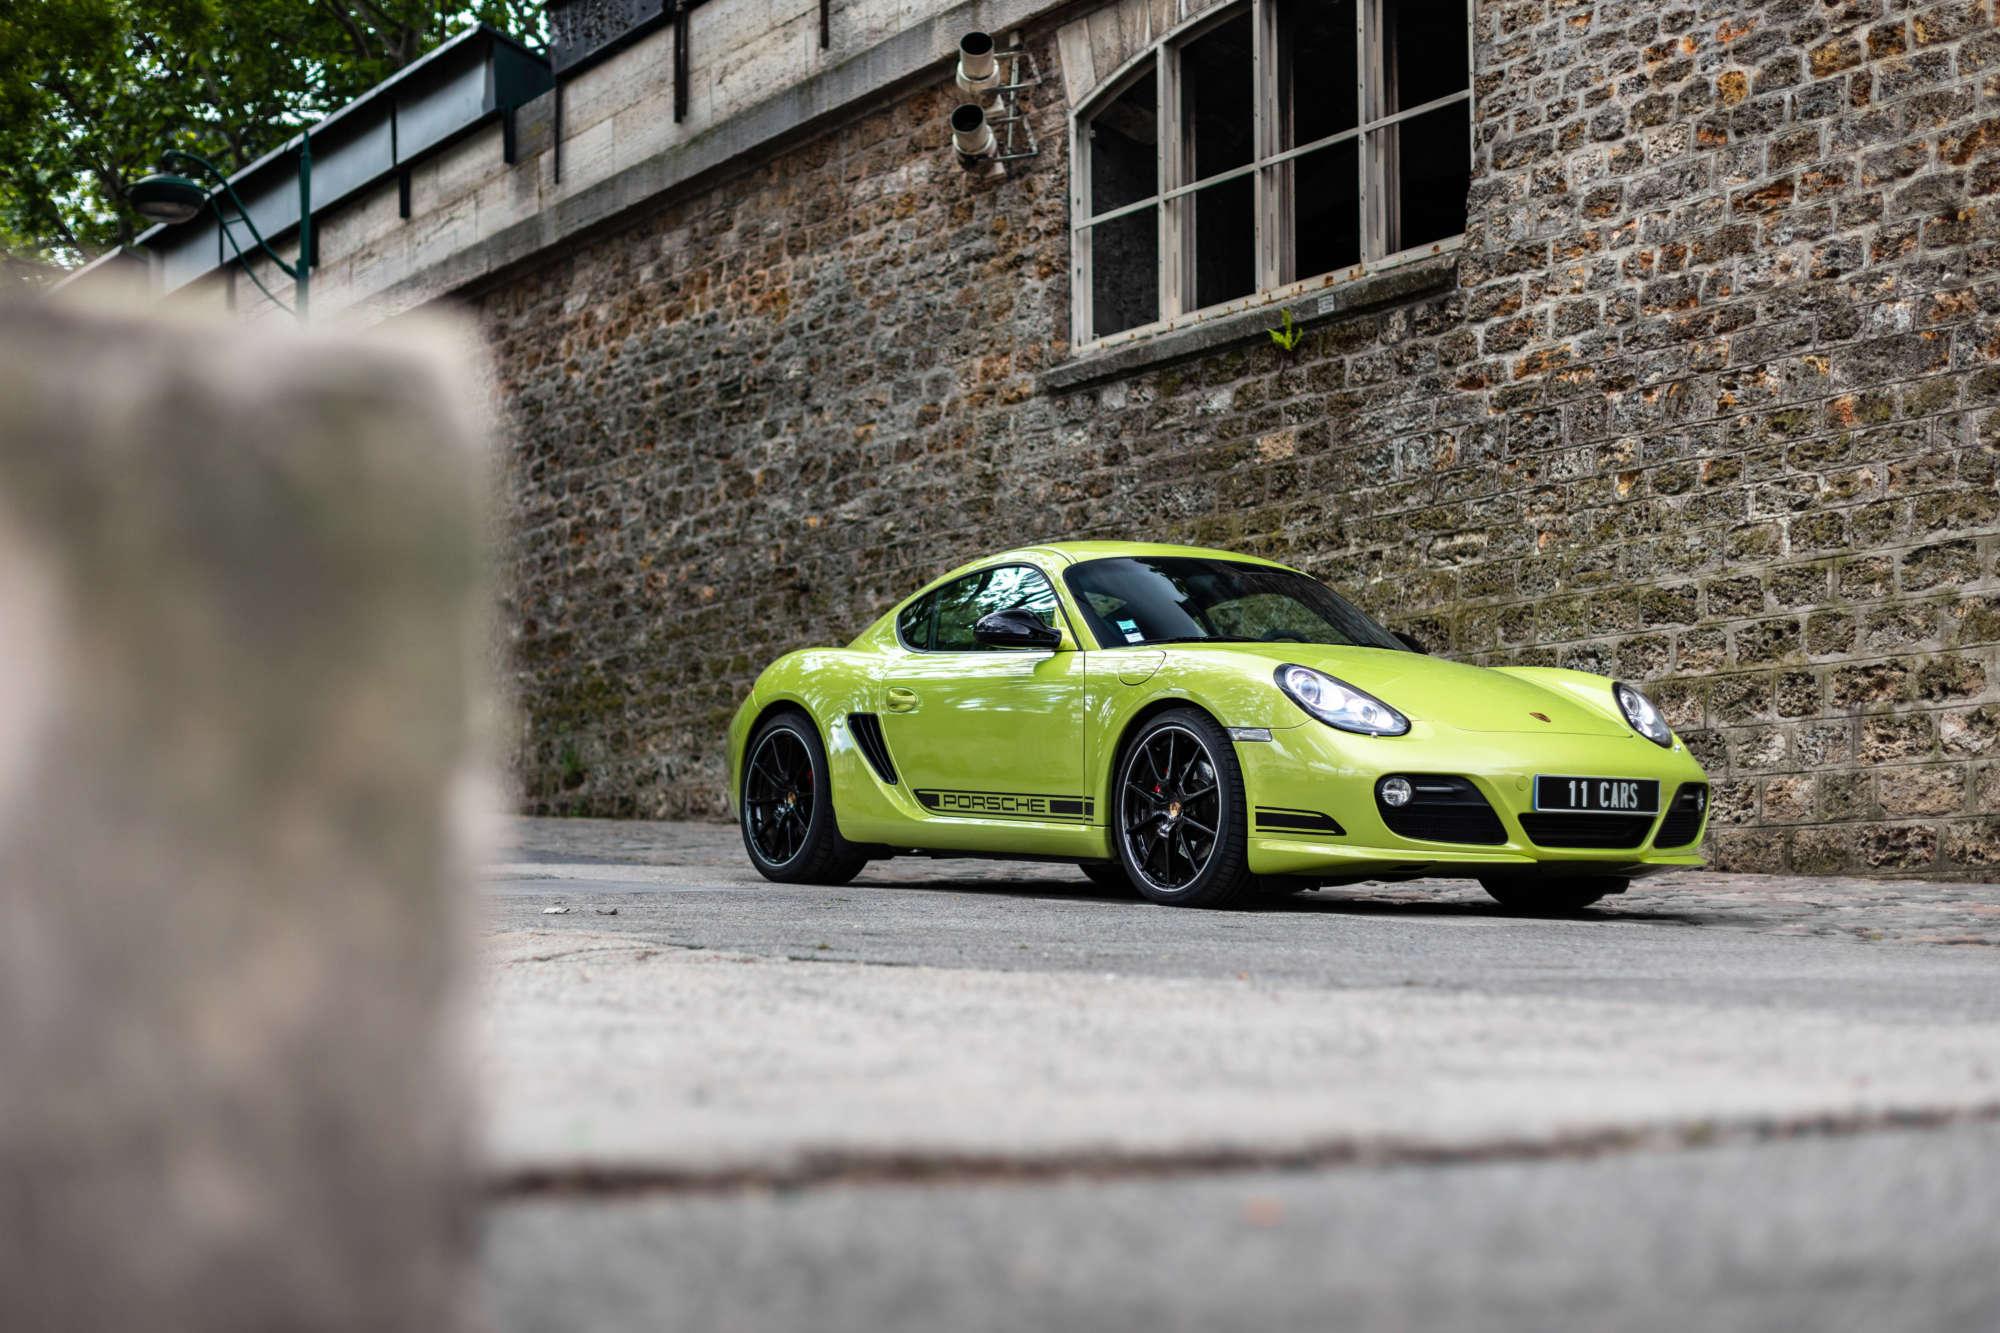 Buyer's guide – Porsche Cayman 987